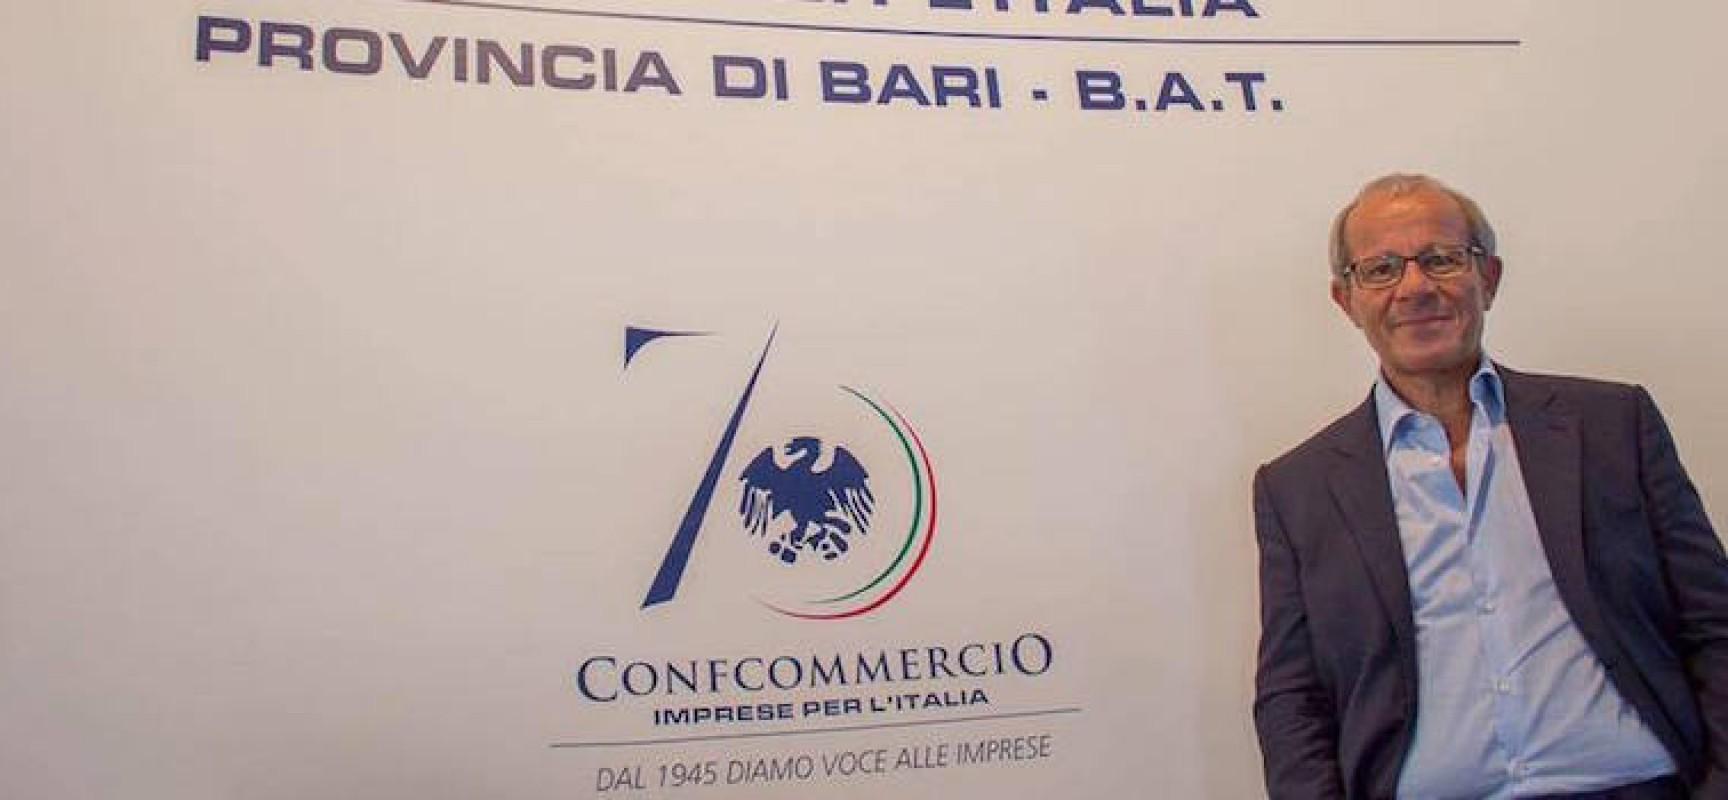 Confcommercio, successo per il Workshop sulle agevolazioni per giovani imprenditori